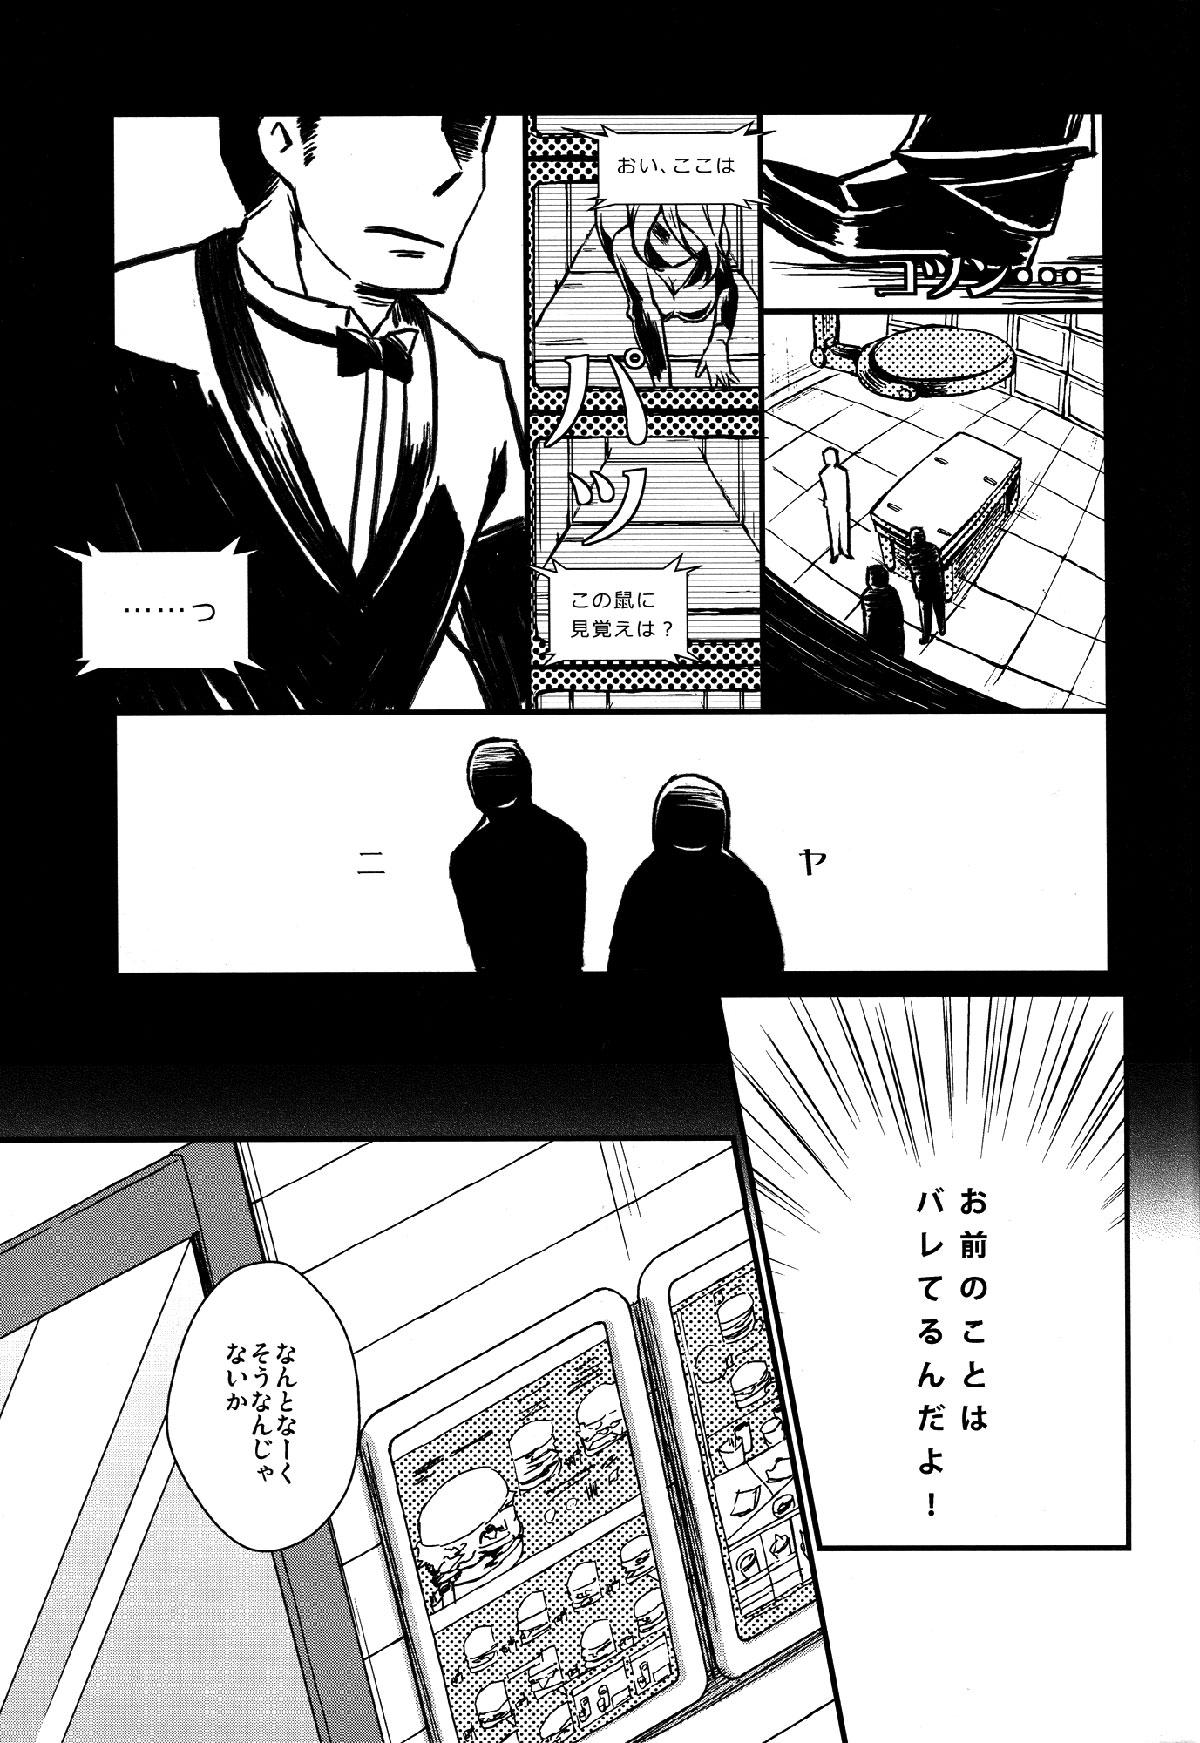 周りに内緒で先生と付き合っている黒髪ロングのJKwww宿直室でいちゃらぶセックスwww【エロ漫画・エロ同人】 (4)